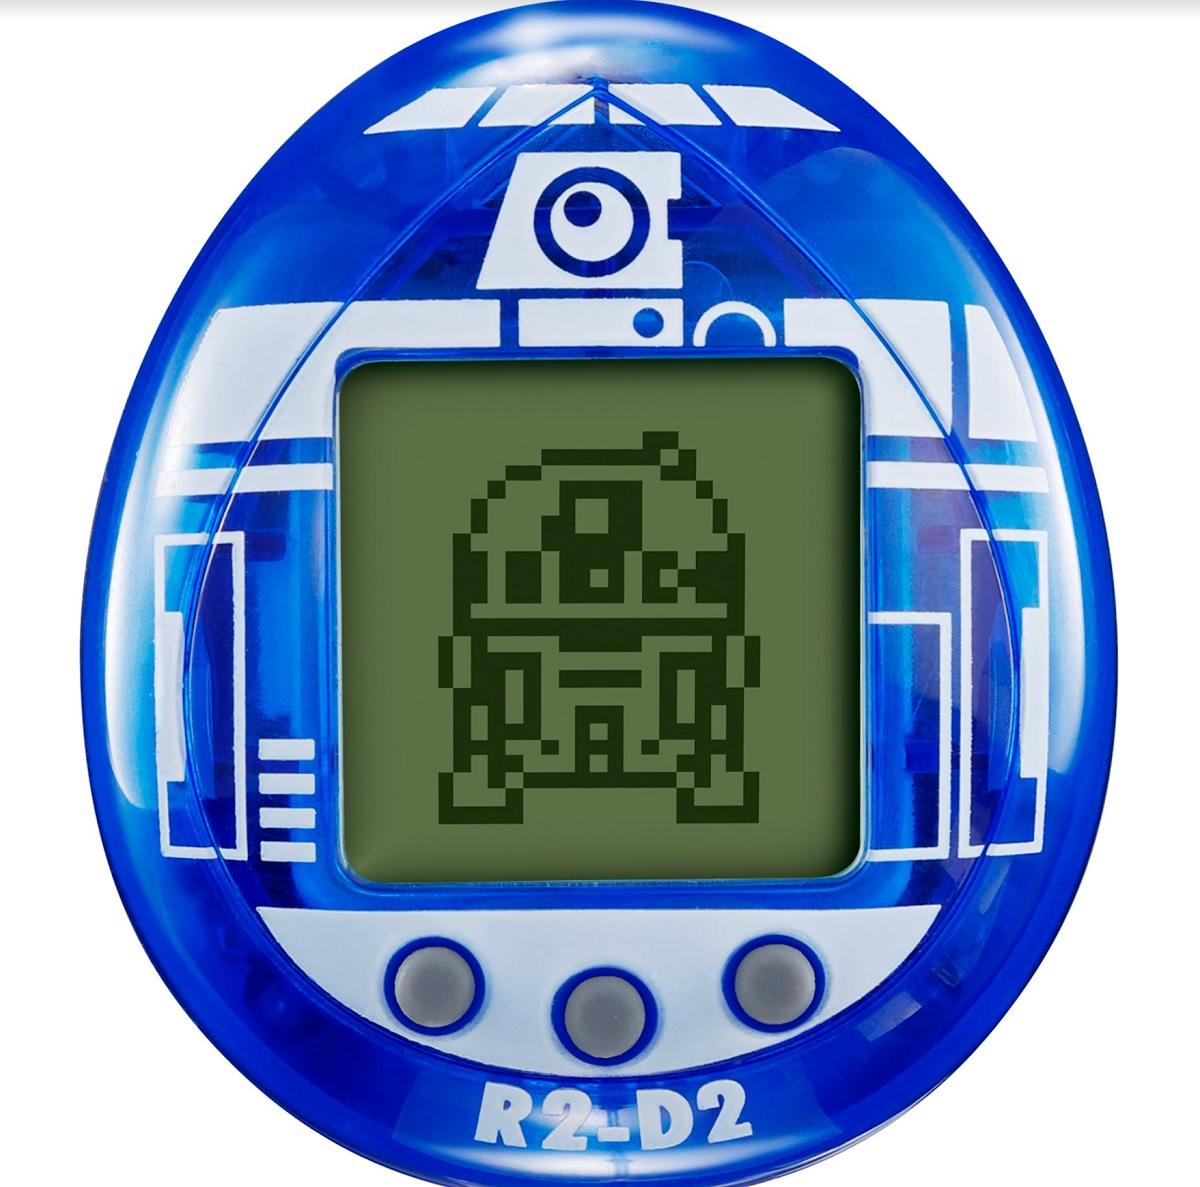 Beep-Beep: Bandai Namco is launching a Star Wars R2-D2 Tamagotchi 2